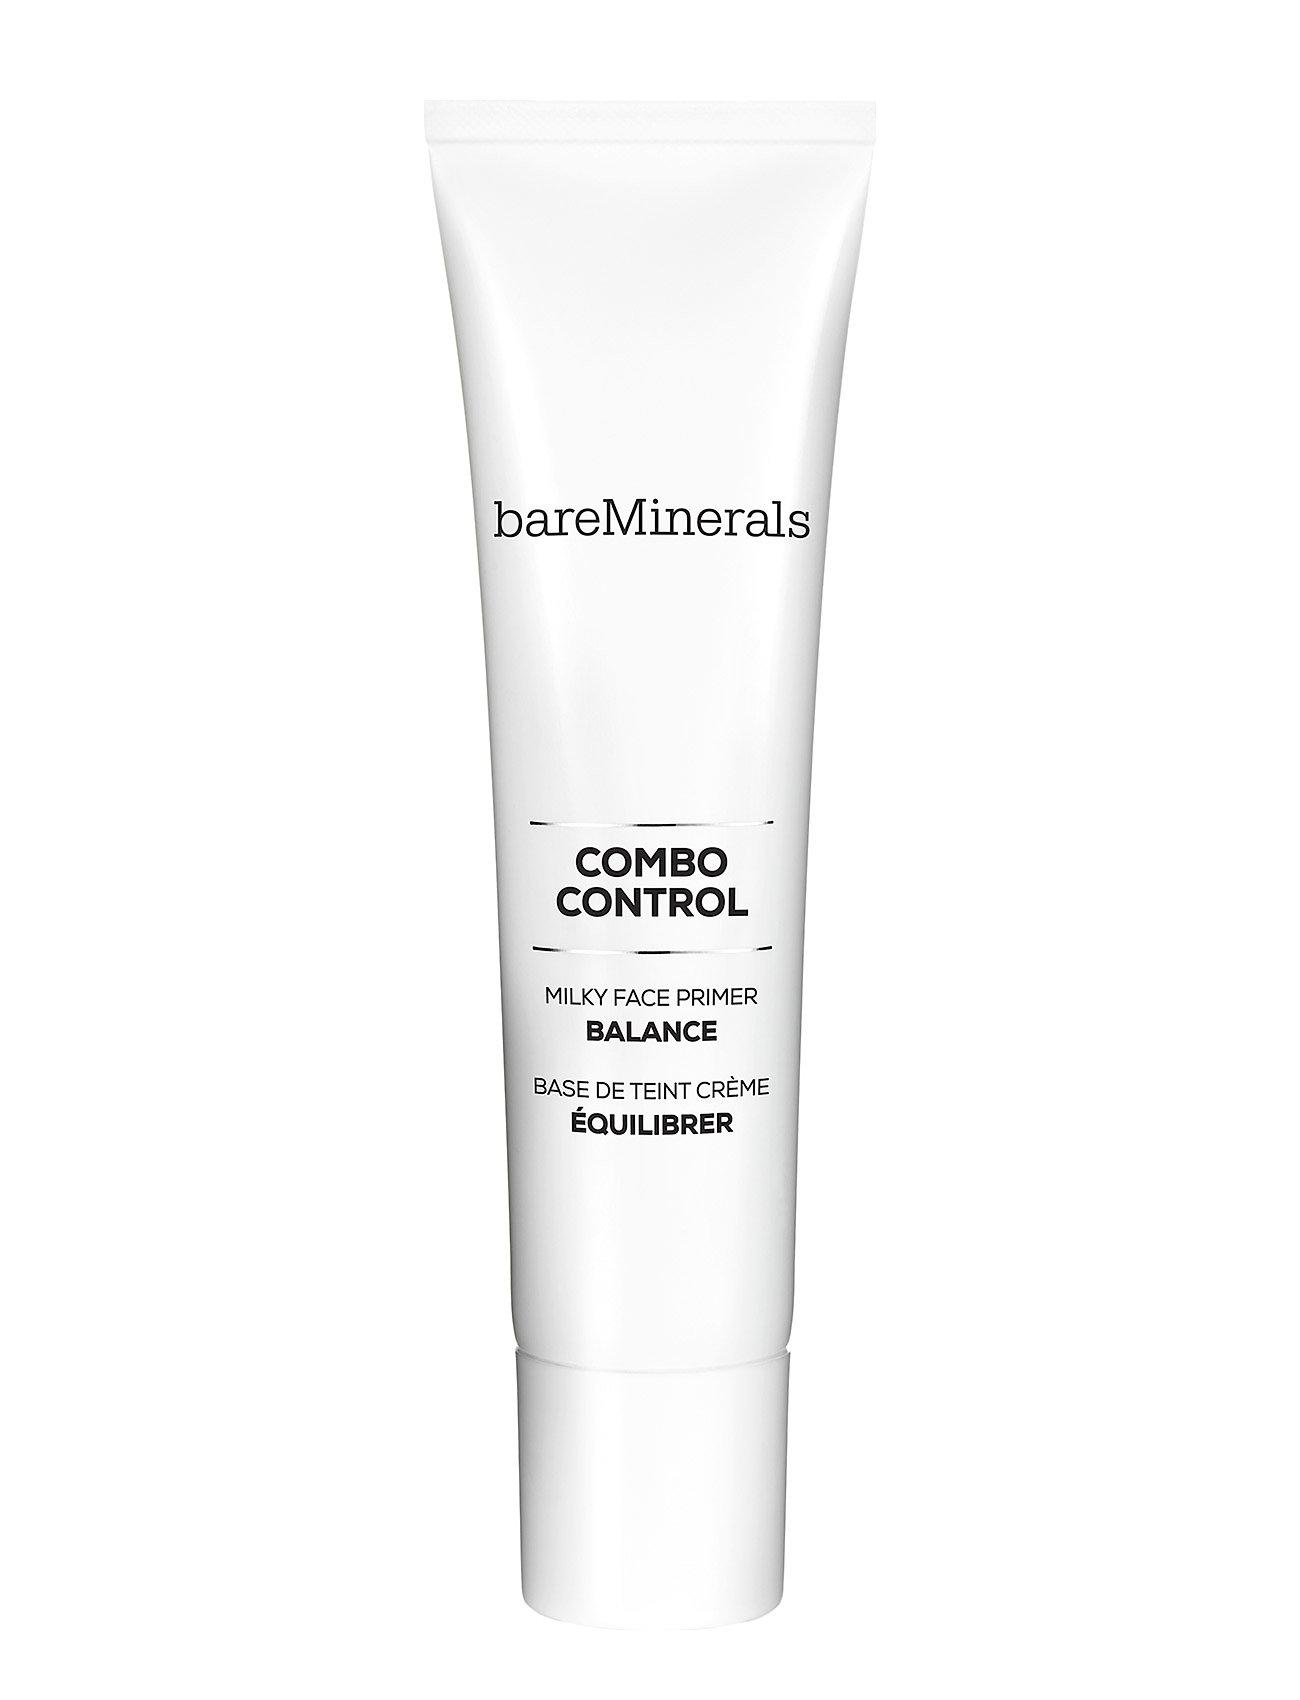 Image of Combo Contro Milky Face Primer Makeupprimer Makeup Multi/mønstret BareMinerals (3292374939)